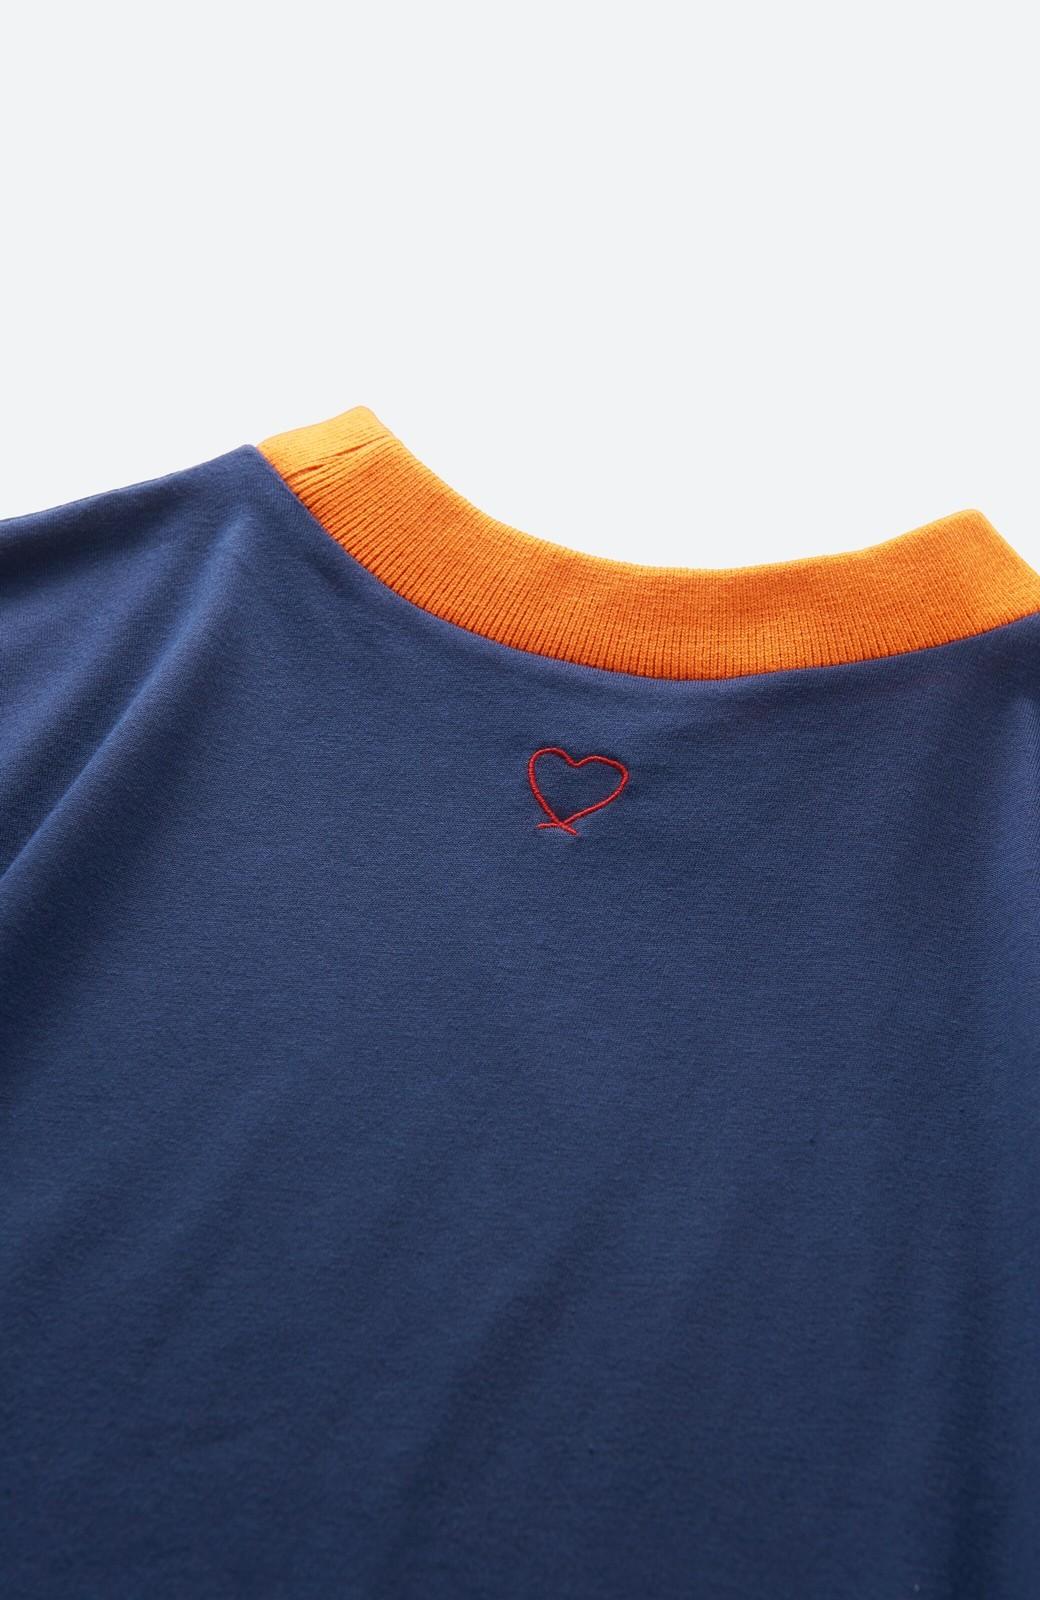 haco! PBP 高橋愛さんコラボ 手描きハート刺しゅうがかわいいコットンリンガーTシャツ <ネイビー>の商品写真4